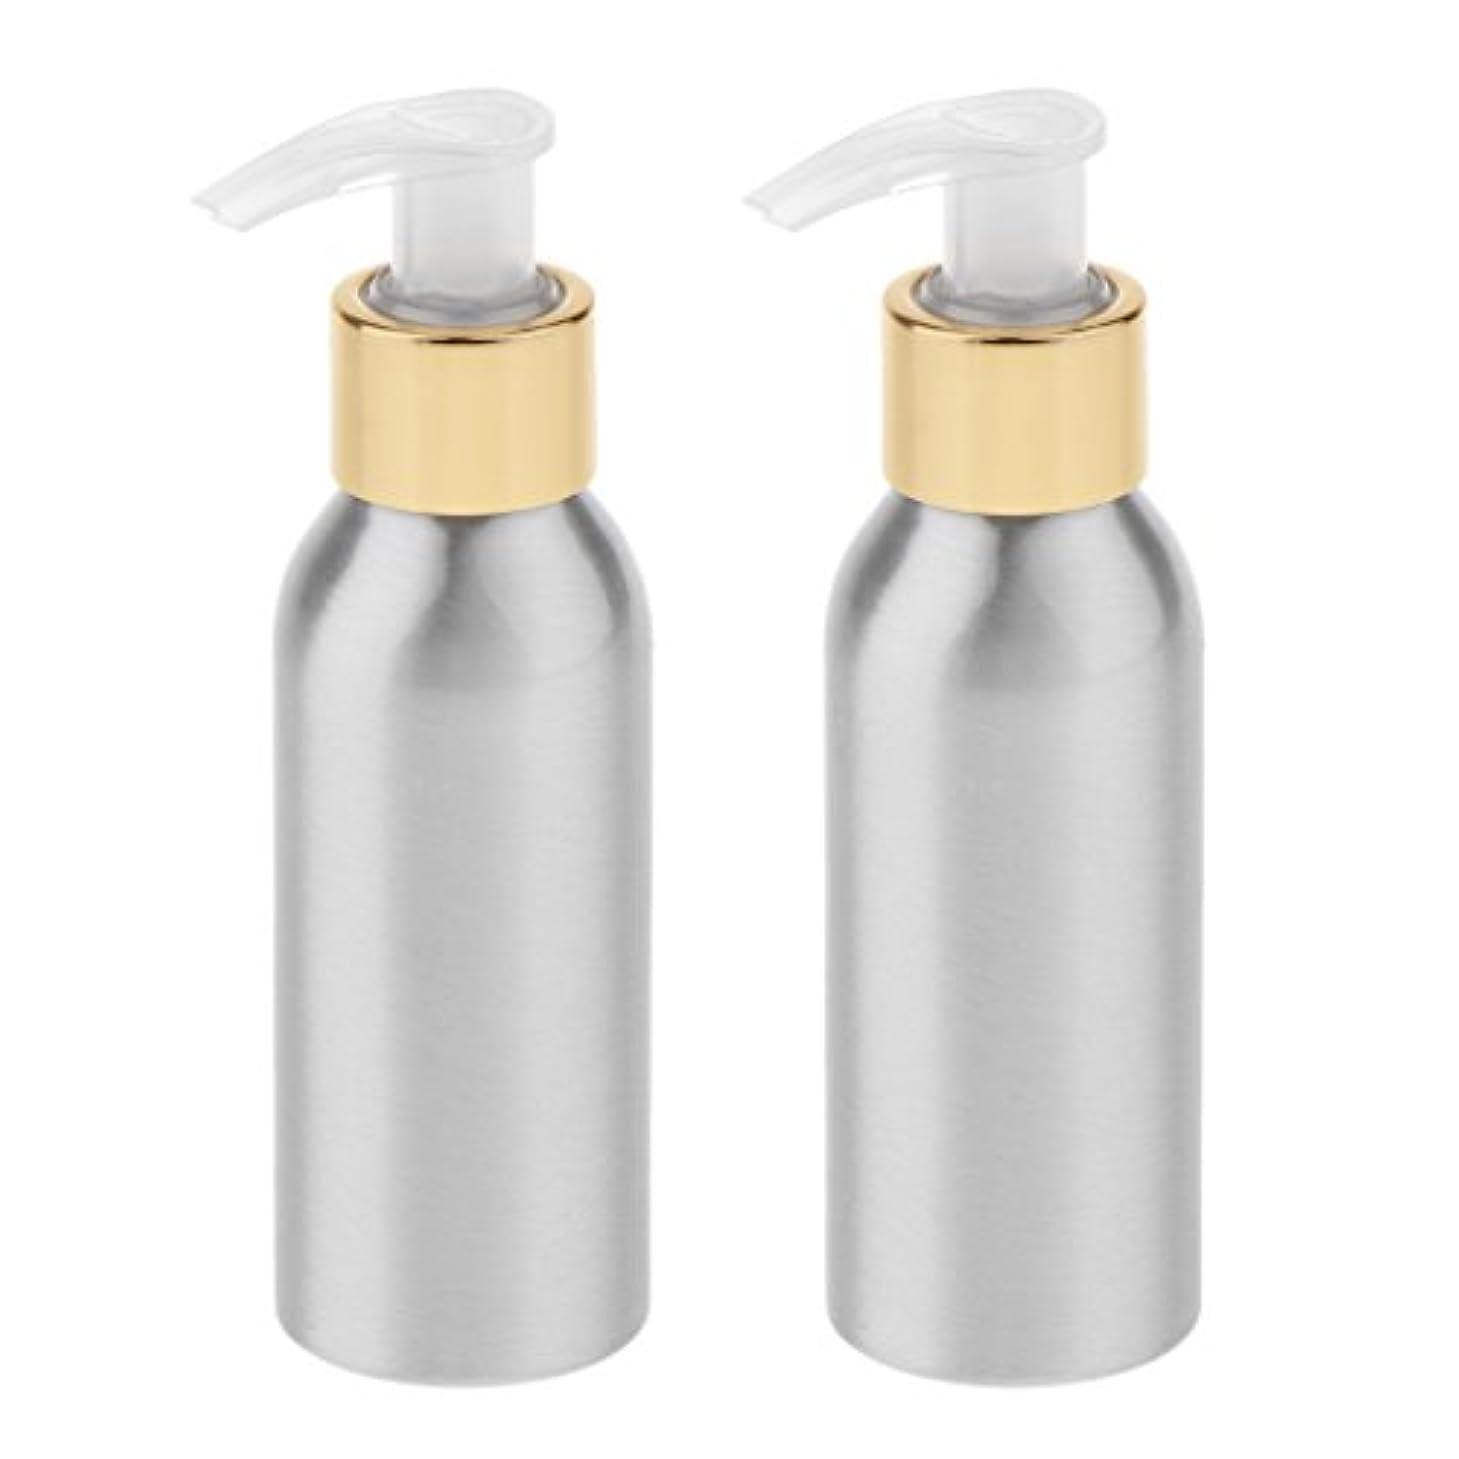 雄弁な通り抜ける礼儀Blesiya 2本 スプレーボトル ポンプボトル アルミボトル 噴霧器 香水ボトル 通勤/旅行/出張 便利 6サイズ選択 - 120ml